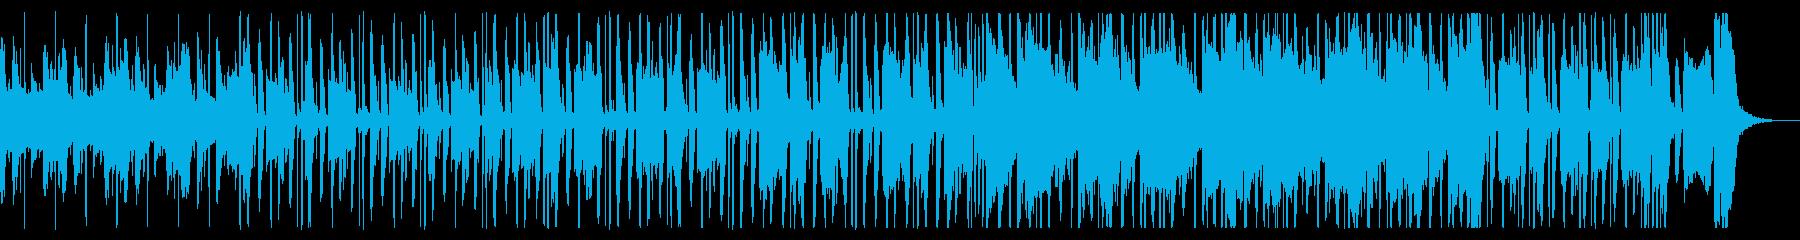 リズミカルでダンディなおしゃれサウンドの再生済みの波形